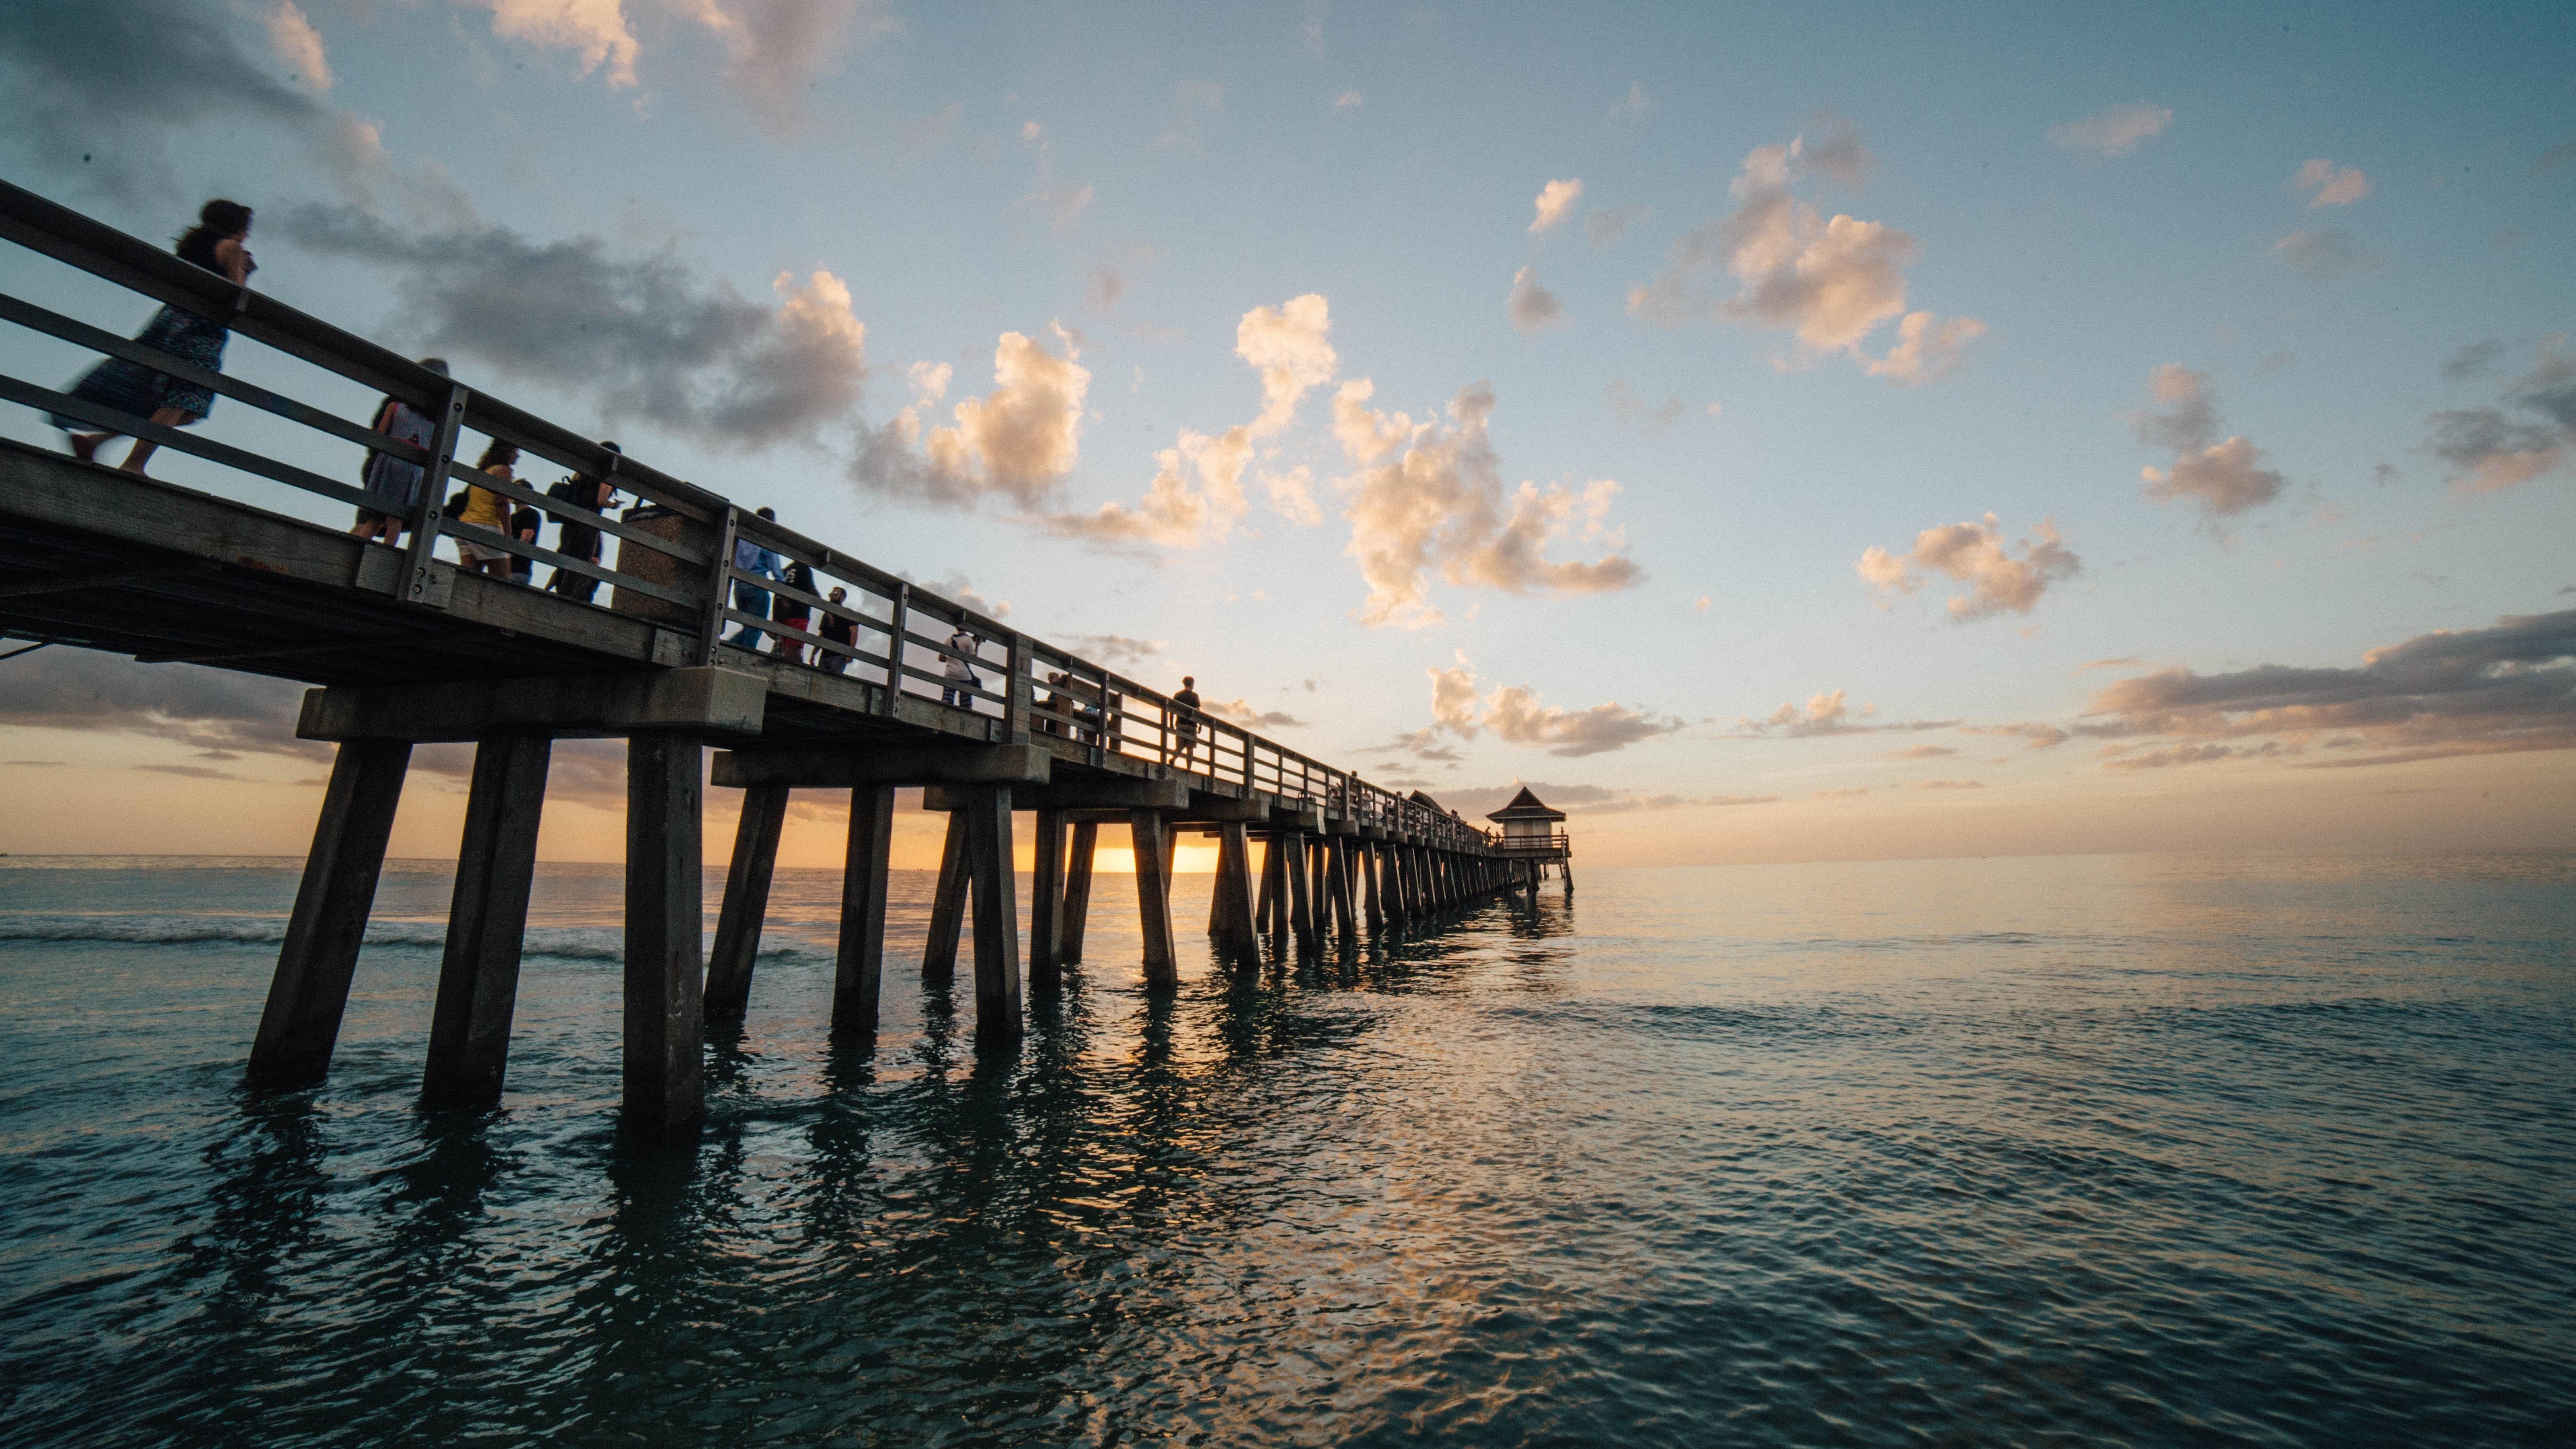 Pier on sea against cloudy sky photo